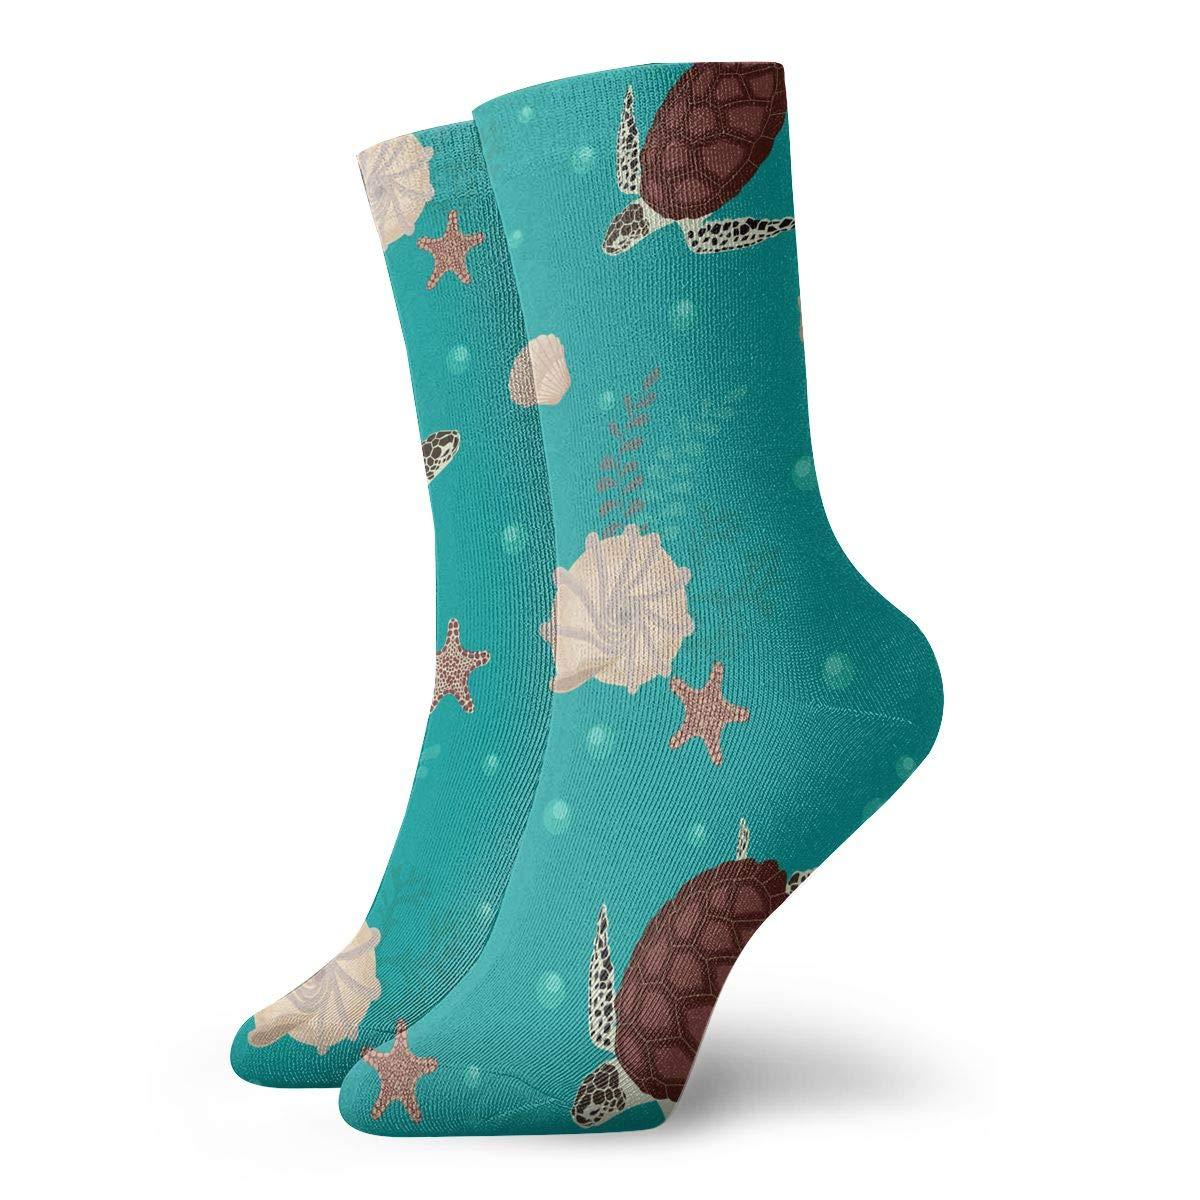 Turtles And Seashells Fashion Dress Socks Short Socks Leisure Travel 11.8 Inch